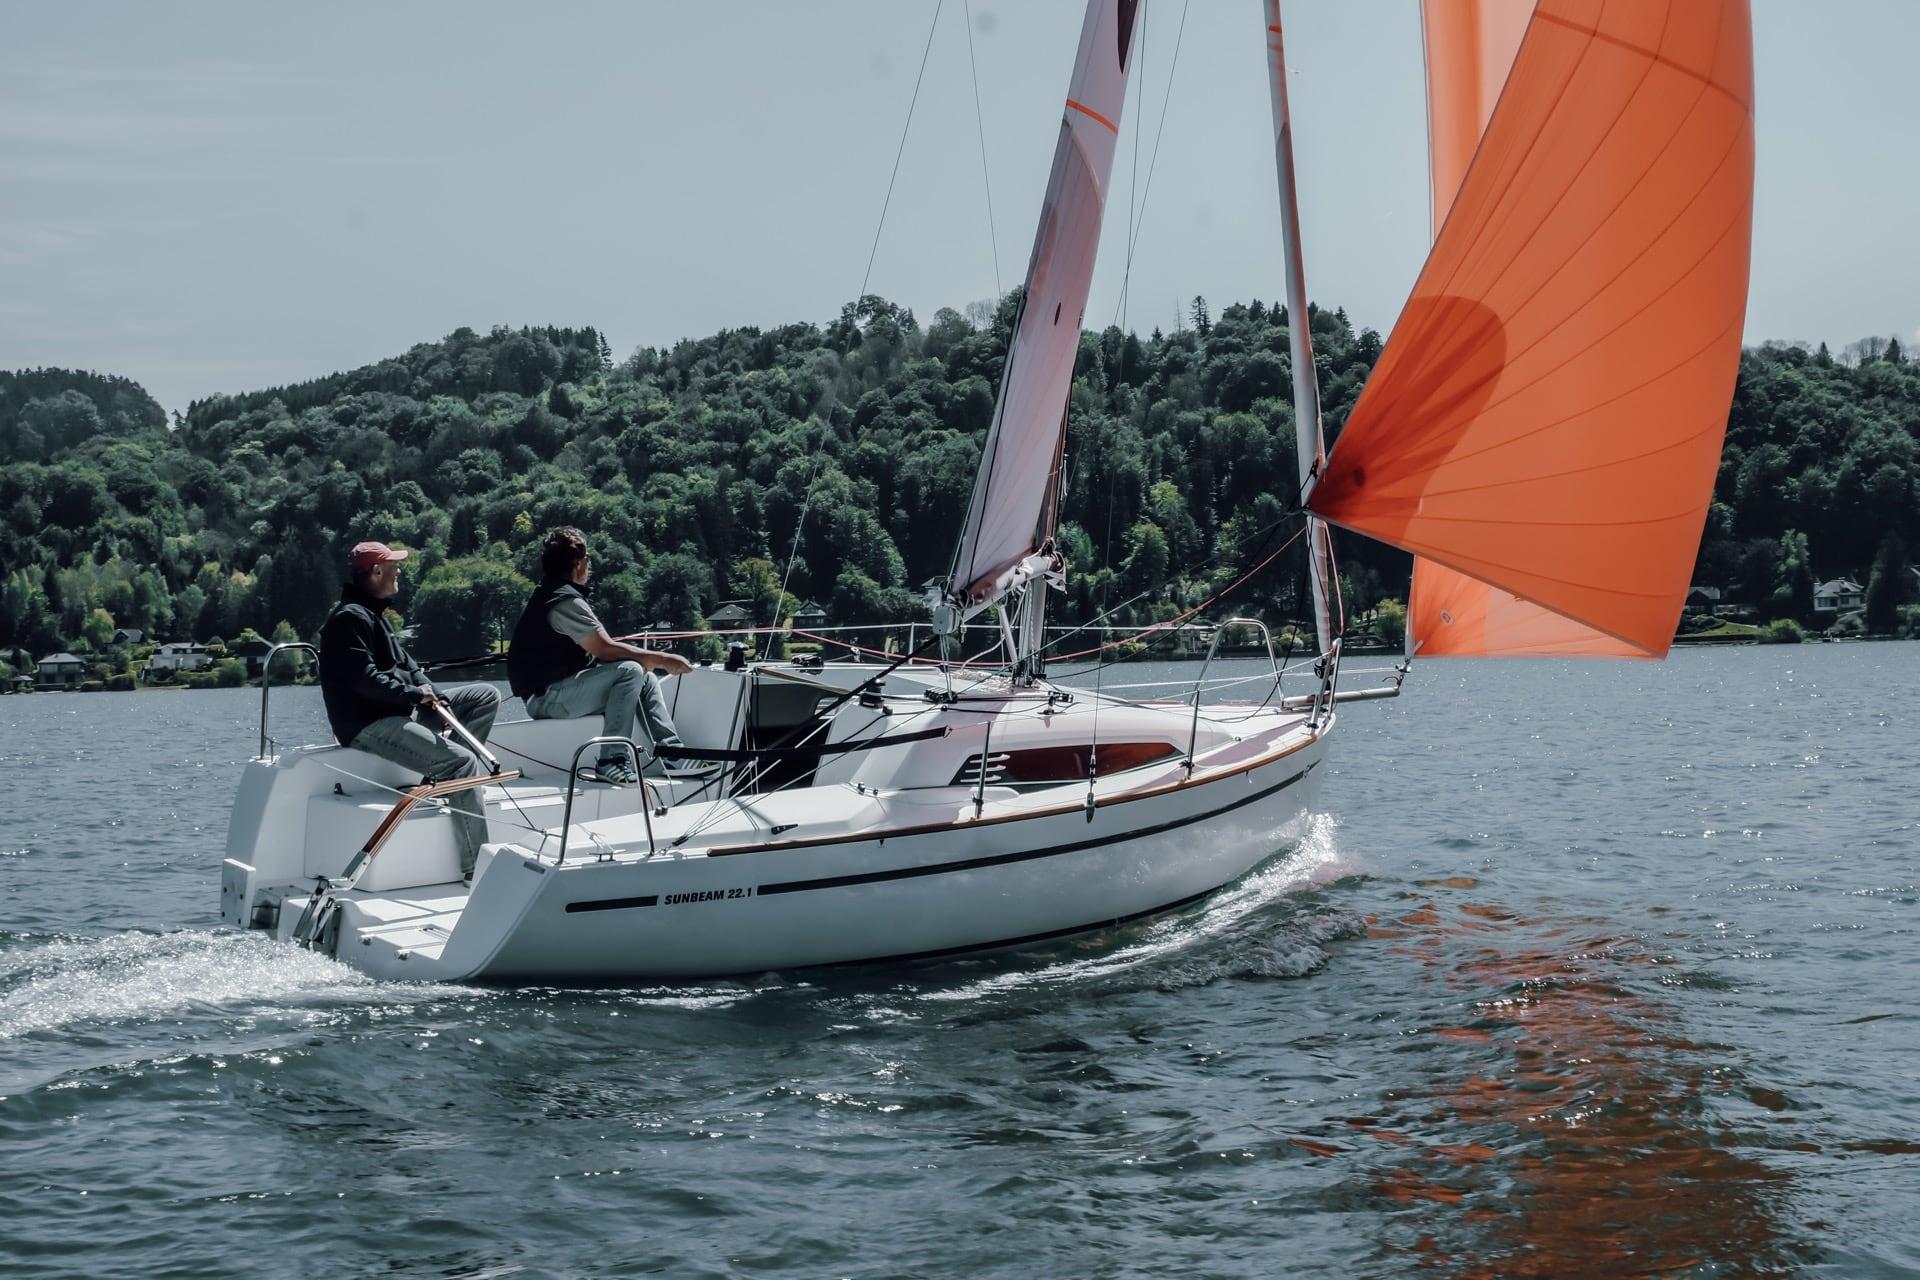 Sunbeam 22.1 - Segelyacht von SUNBEAM Yachts